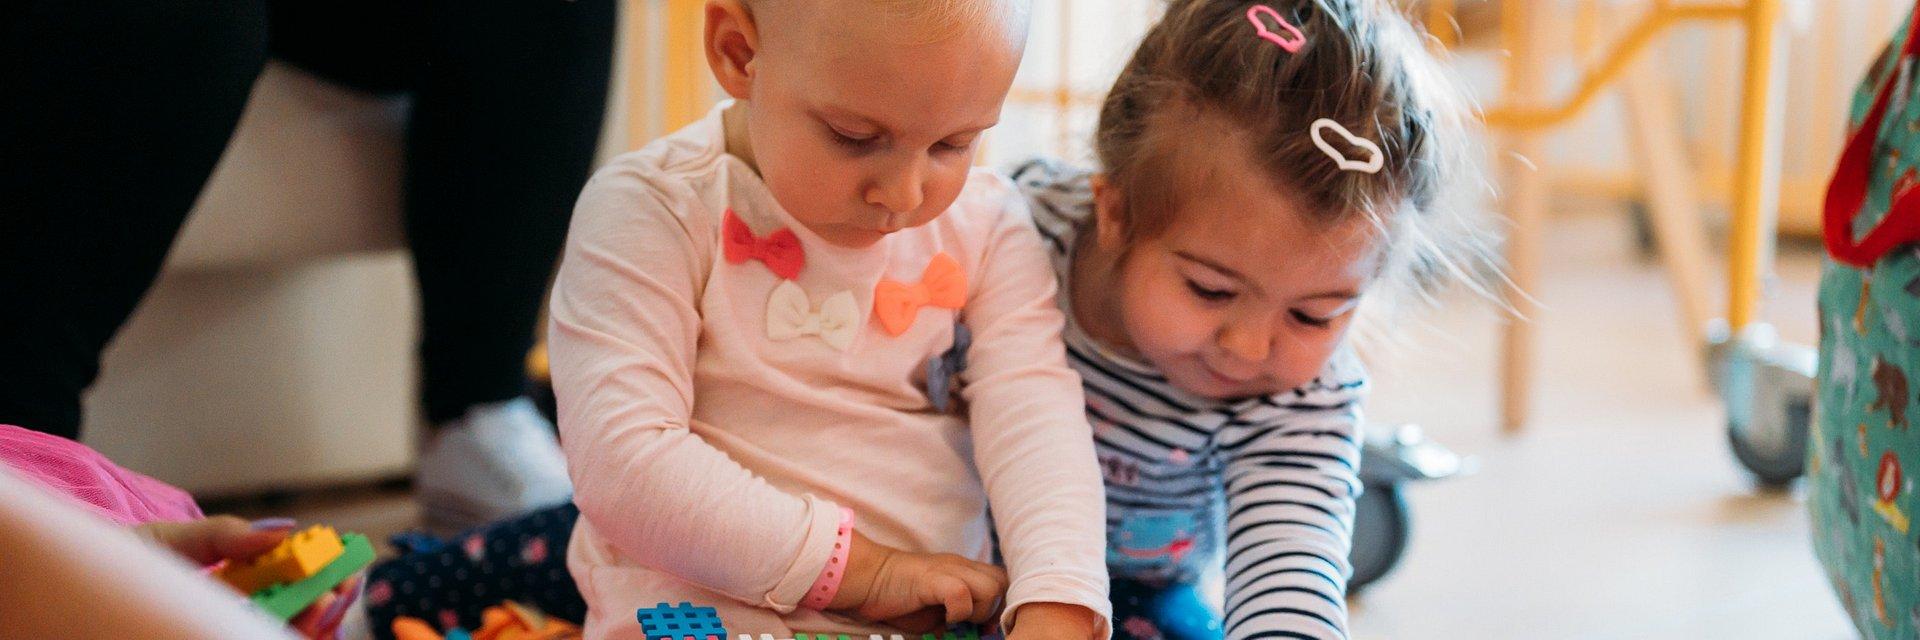 Współpraca na rzecz osób z MHE: Paley European Institute łączy siły ze Stowarzyszeniem Pomocy Chorym z Zespołem Mnogich Wyrośli Chrzęstno-Kostnych